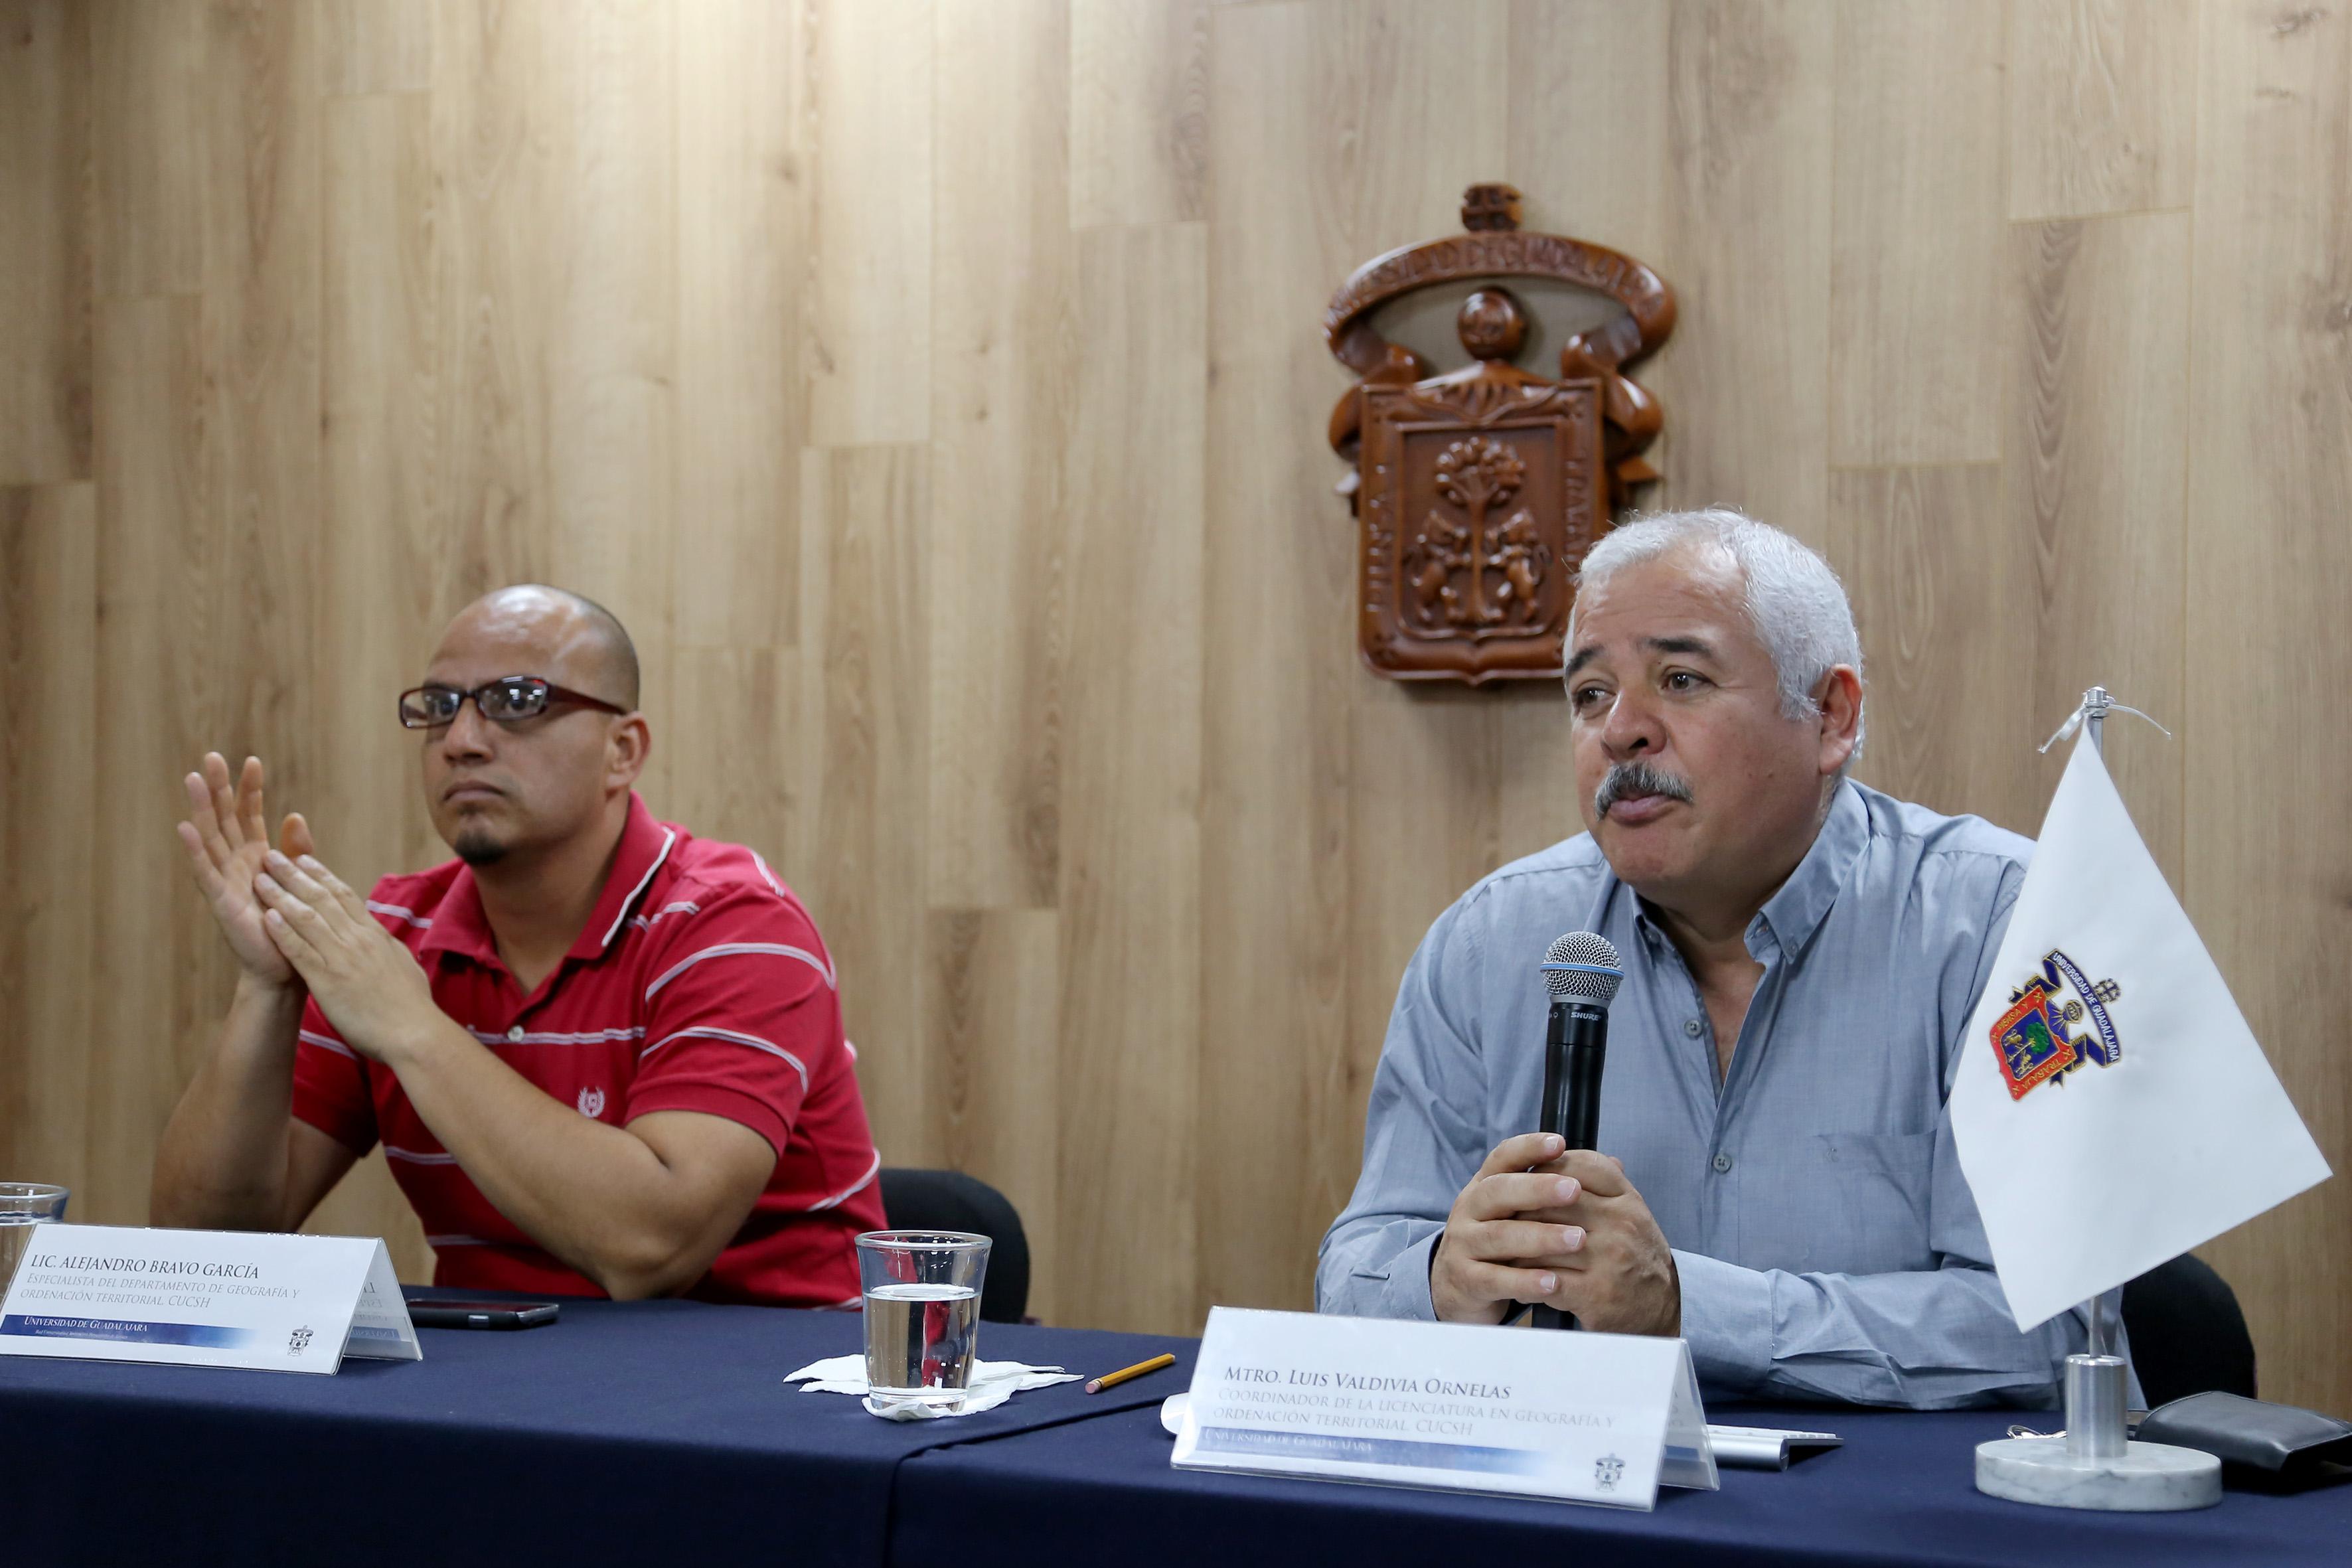 Mtro. Luis Valdivia Ornelas, investigador del Departamento de Geografía y Ordenación Territorial del Centro Universitario de Ciencias Sociales y Humanidades (CUCSH) haciendo uso de la palabra